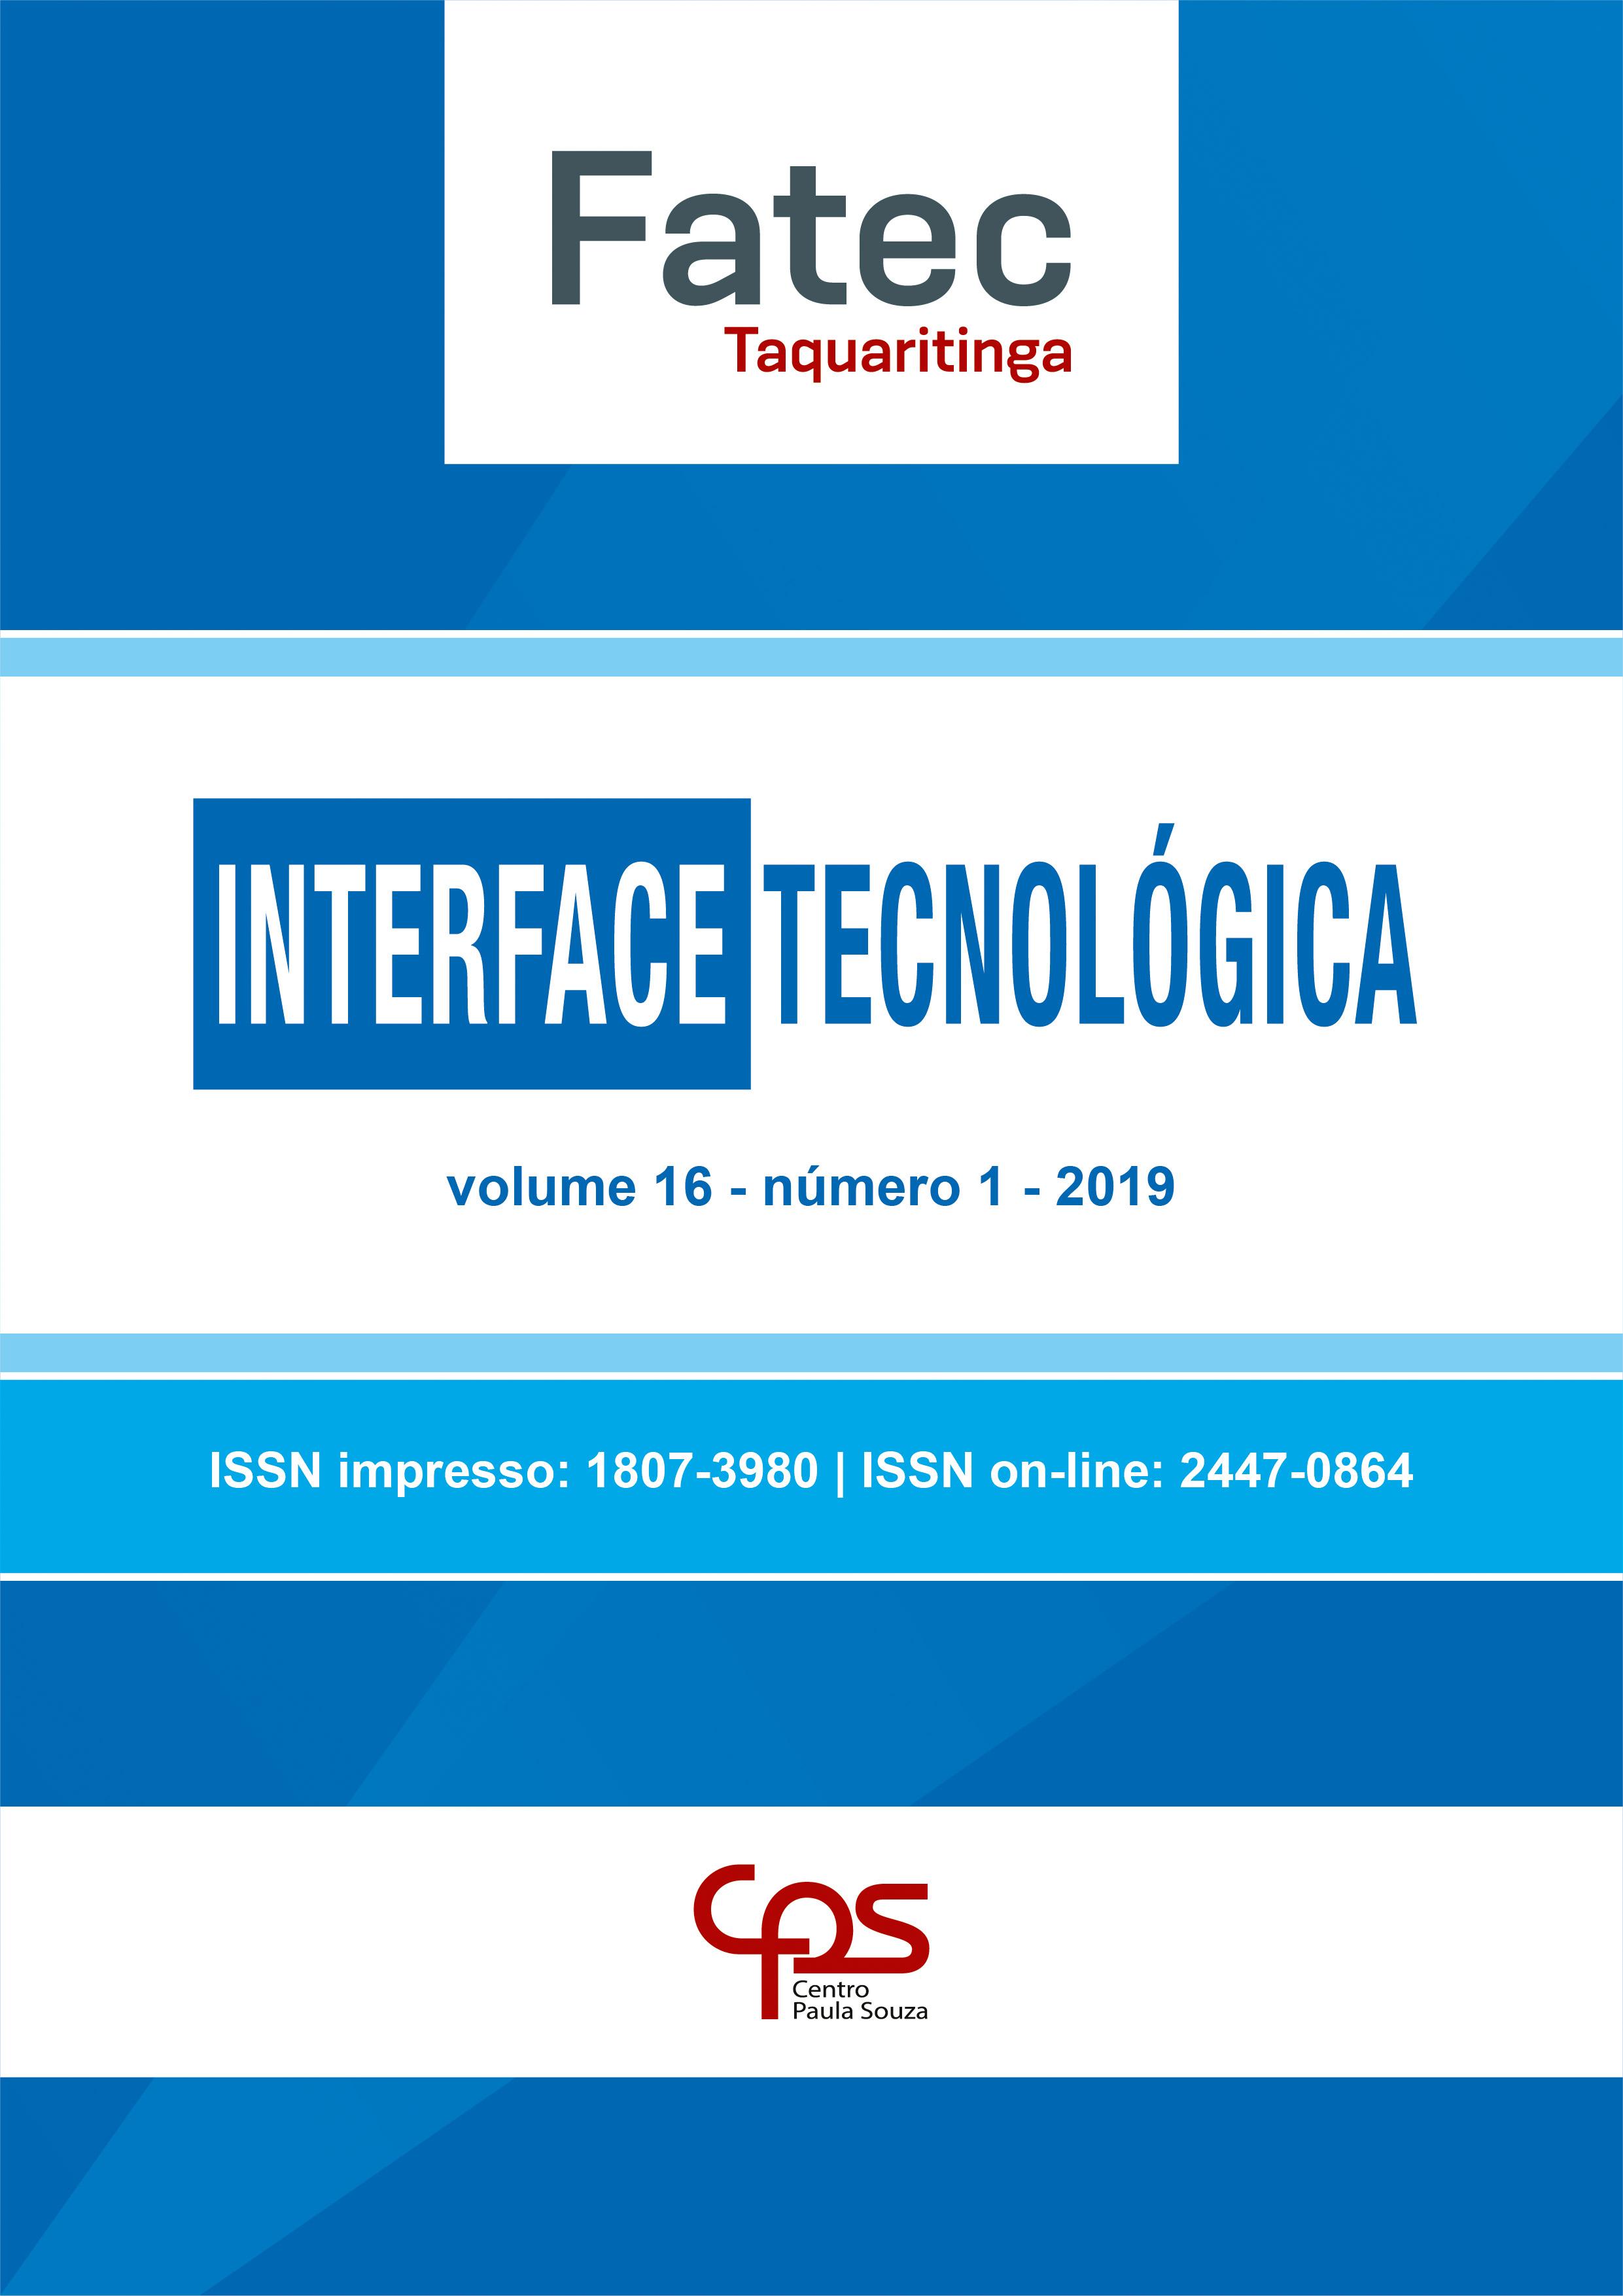 Visualizar v. 16 n. 1 (2019): Revista Interface Tecnológica